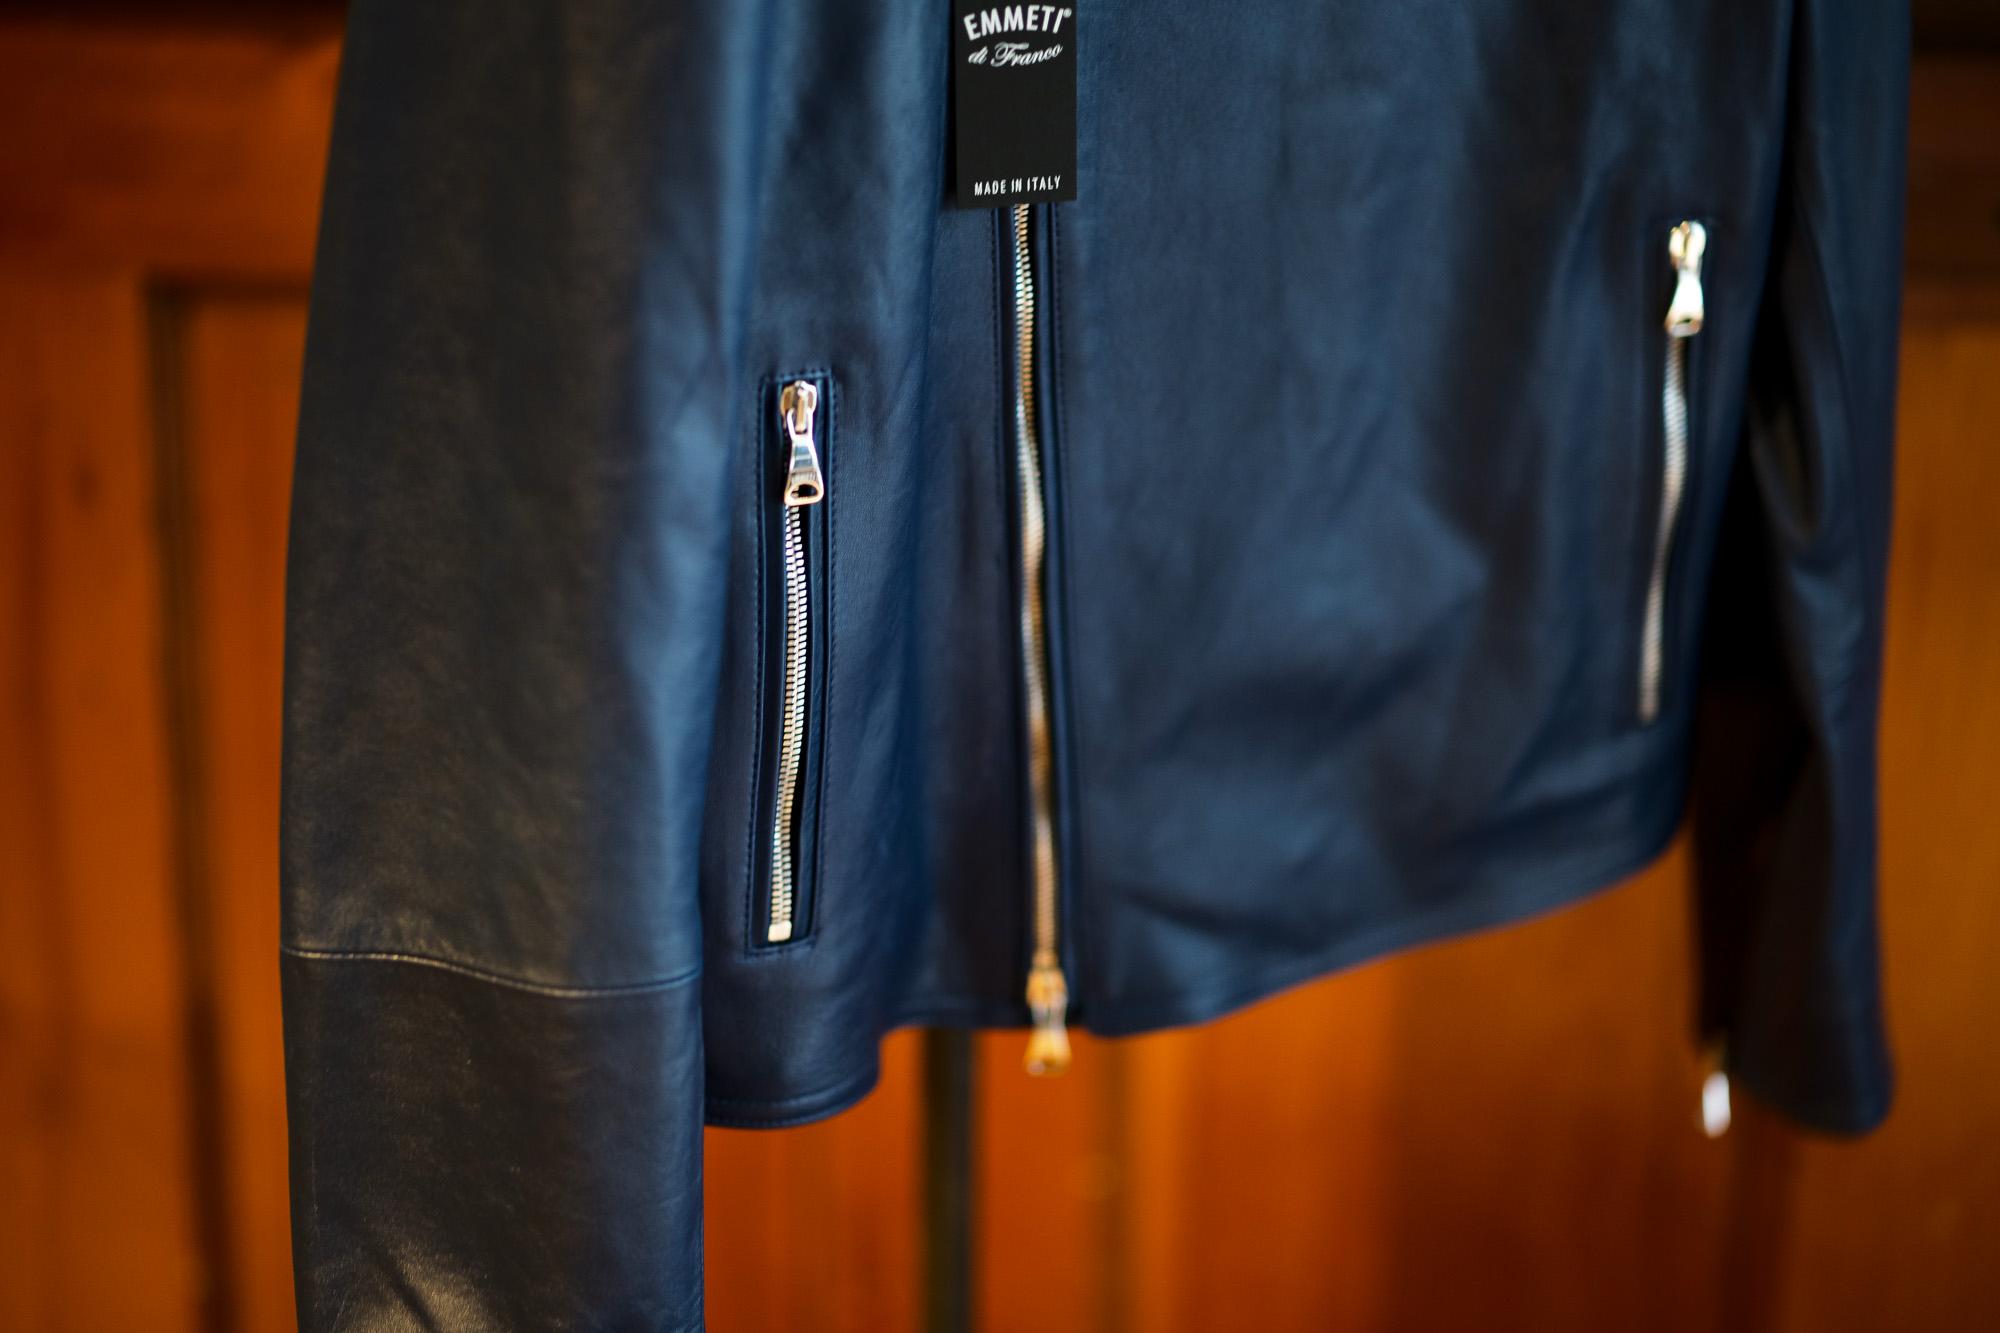 EMMETI(エンメティ) JOSEPH (ジョセフ) Lambskin Nappa Leather ラムナッパ レザー ダブル ライダース ジャケット BLU INDIC (ブルーインディゴ) Made in italy (イタリア製) 2020 春夏新作 愛知 名古屋 altoediritto アルトエデリット レザージャケット